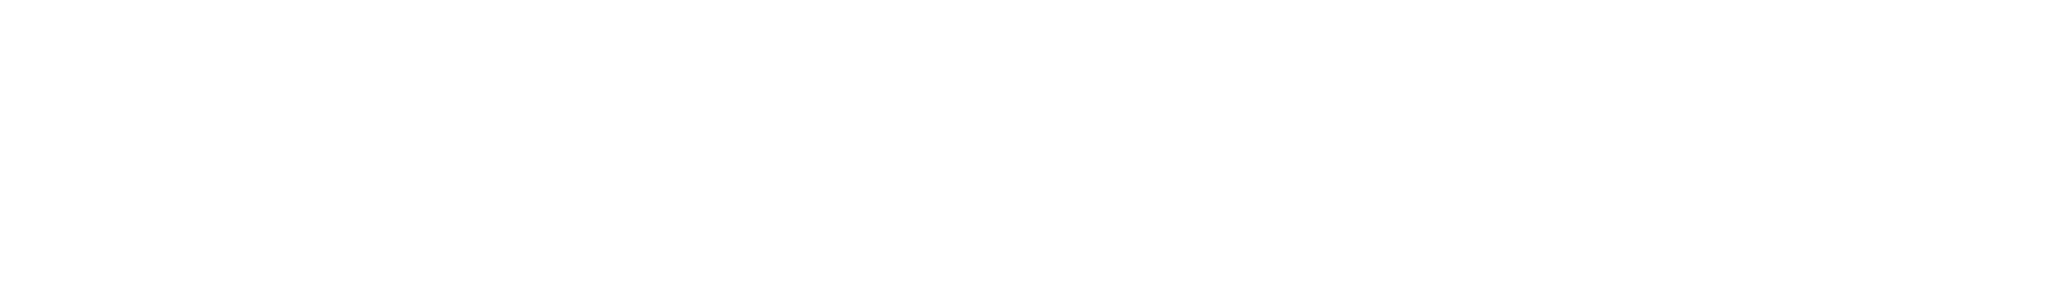 benrevens.com